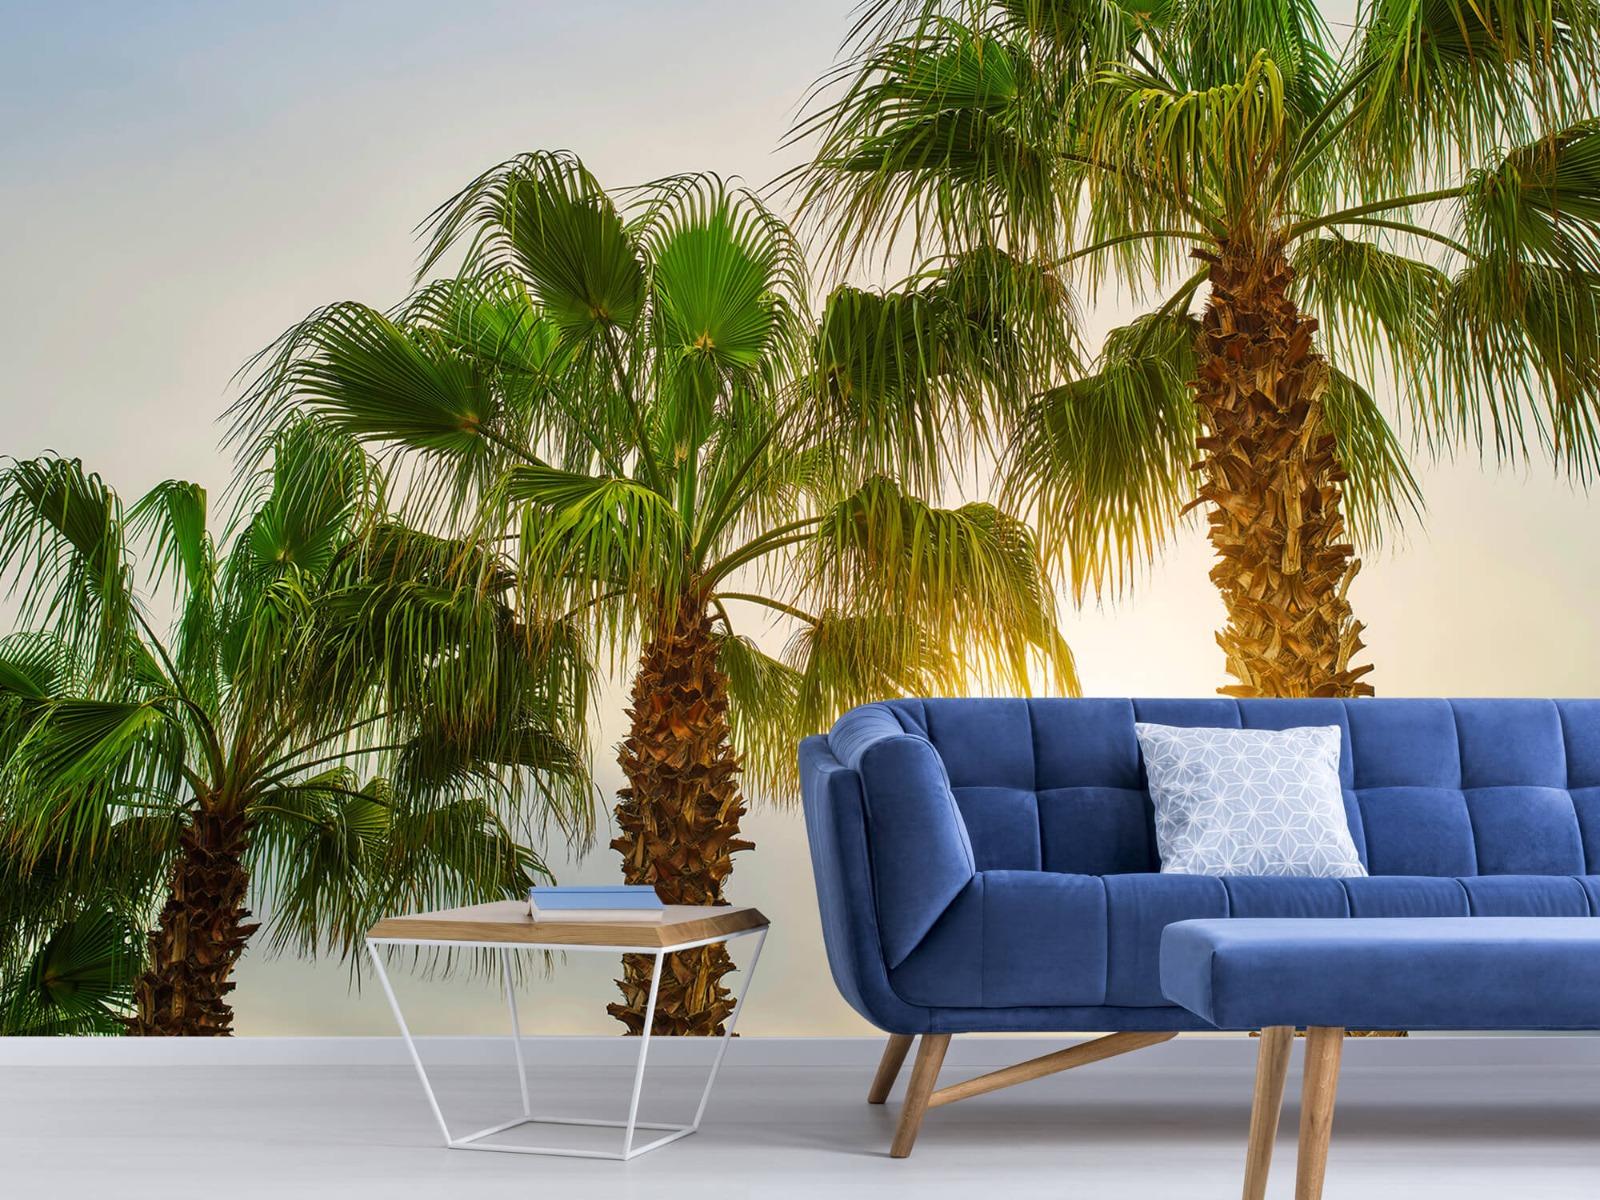 Palmbomen - Palmbomen met zon - Gang 5